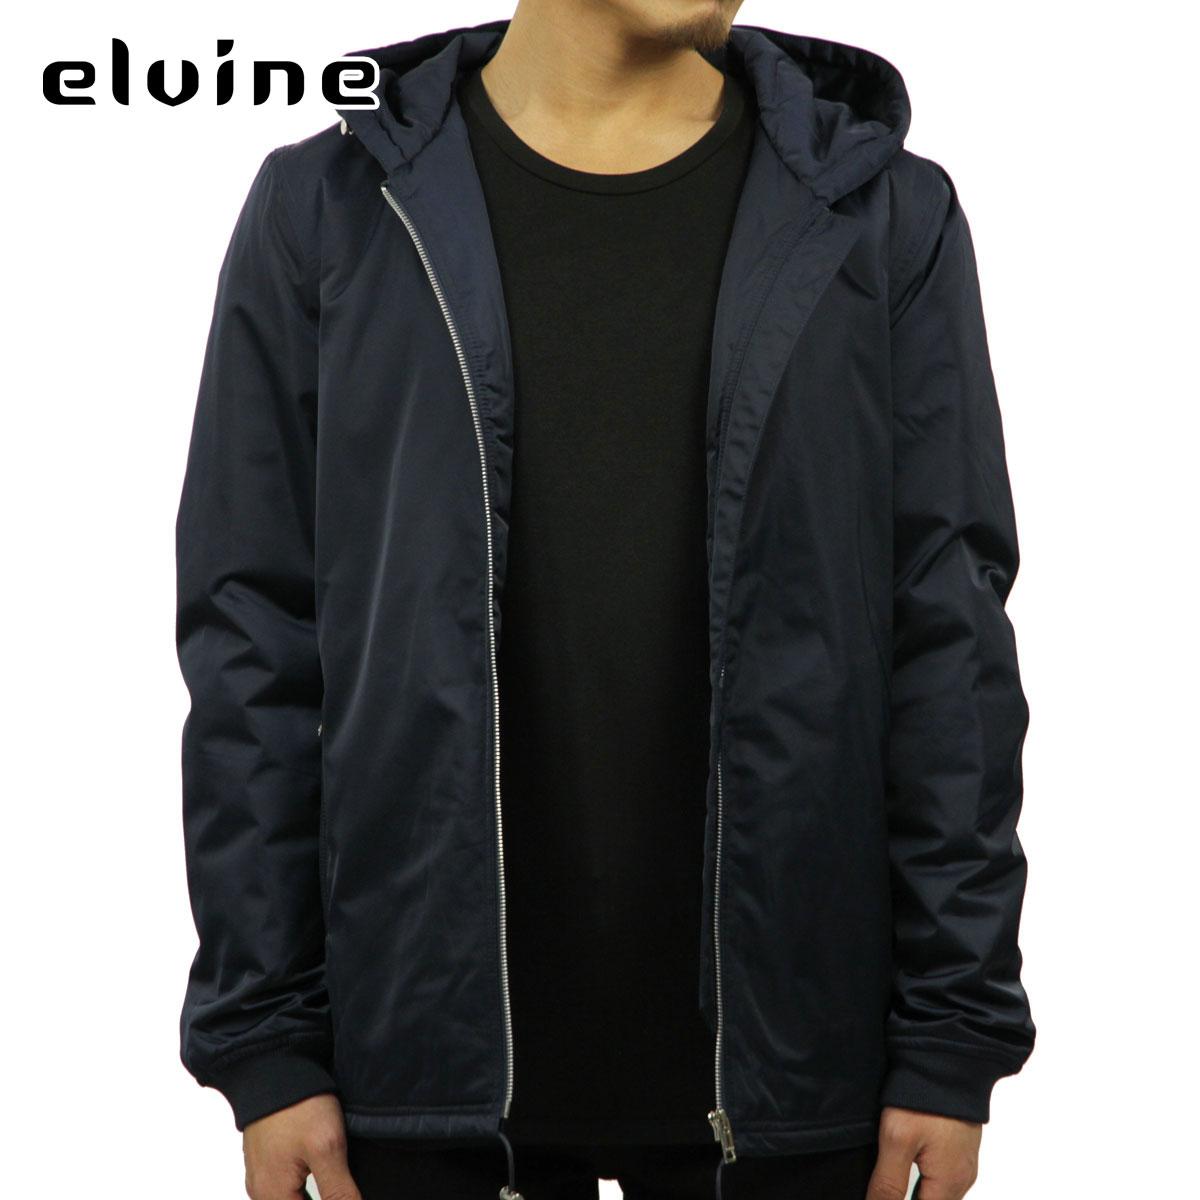 エルバイン elvine 正規販売店 メンズ アウタージャケット THEO JACKET 3007 140 D00S20